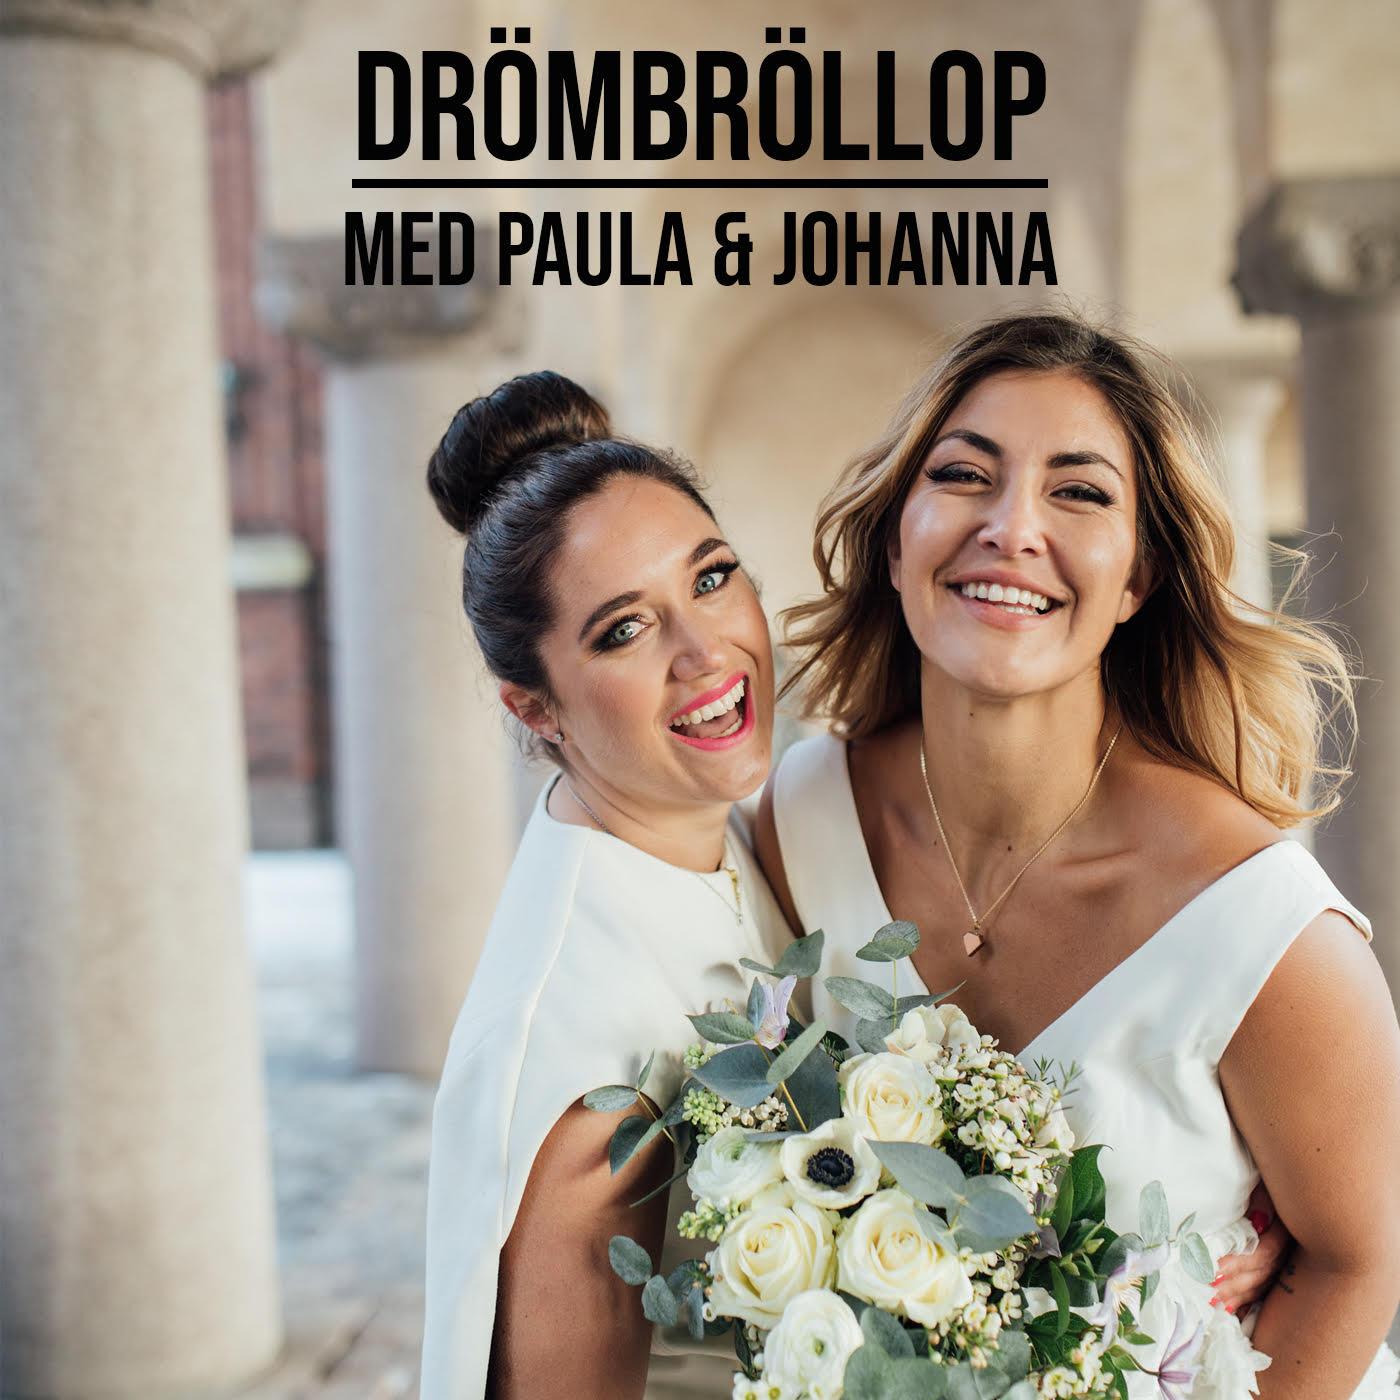 d378dd0a5d33 10. Att fånga bröllopet på bild - Drömbröllop med Johanna och gäster ...